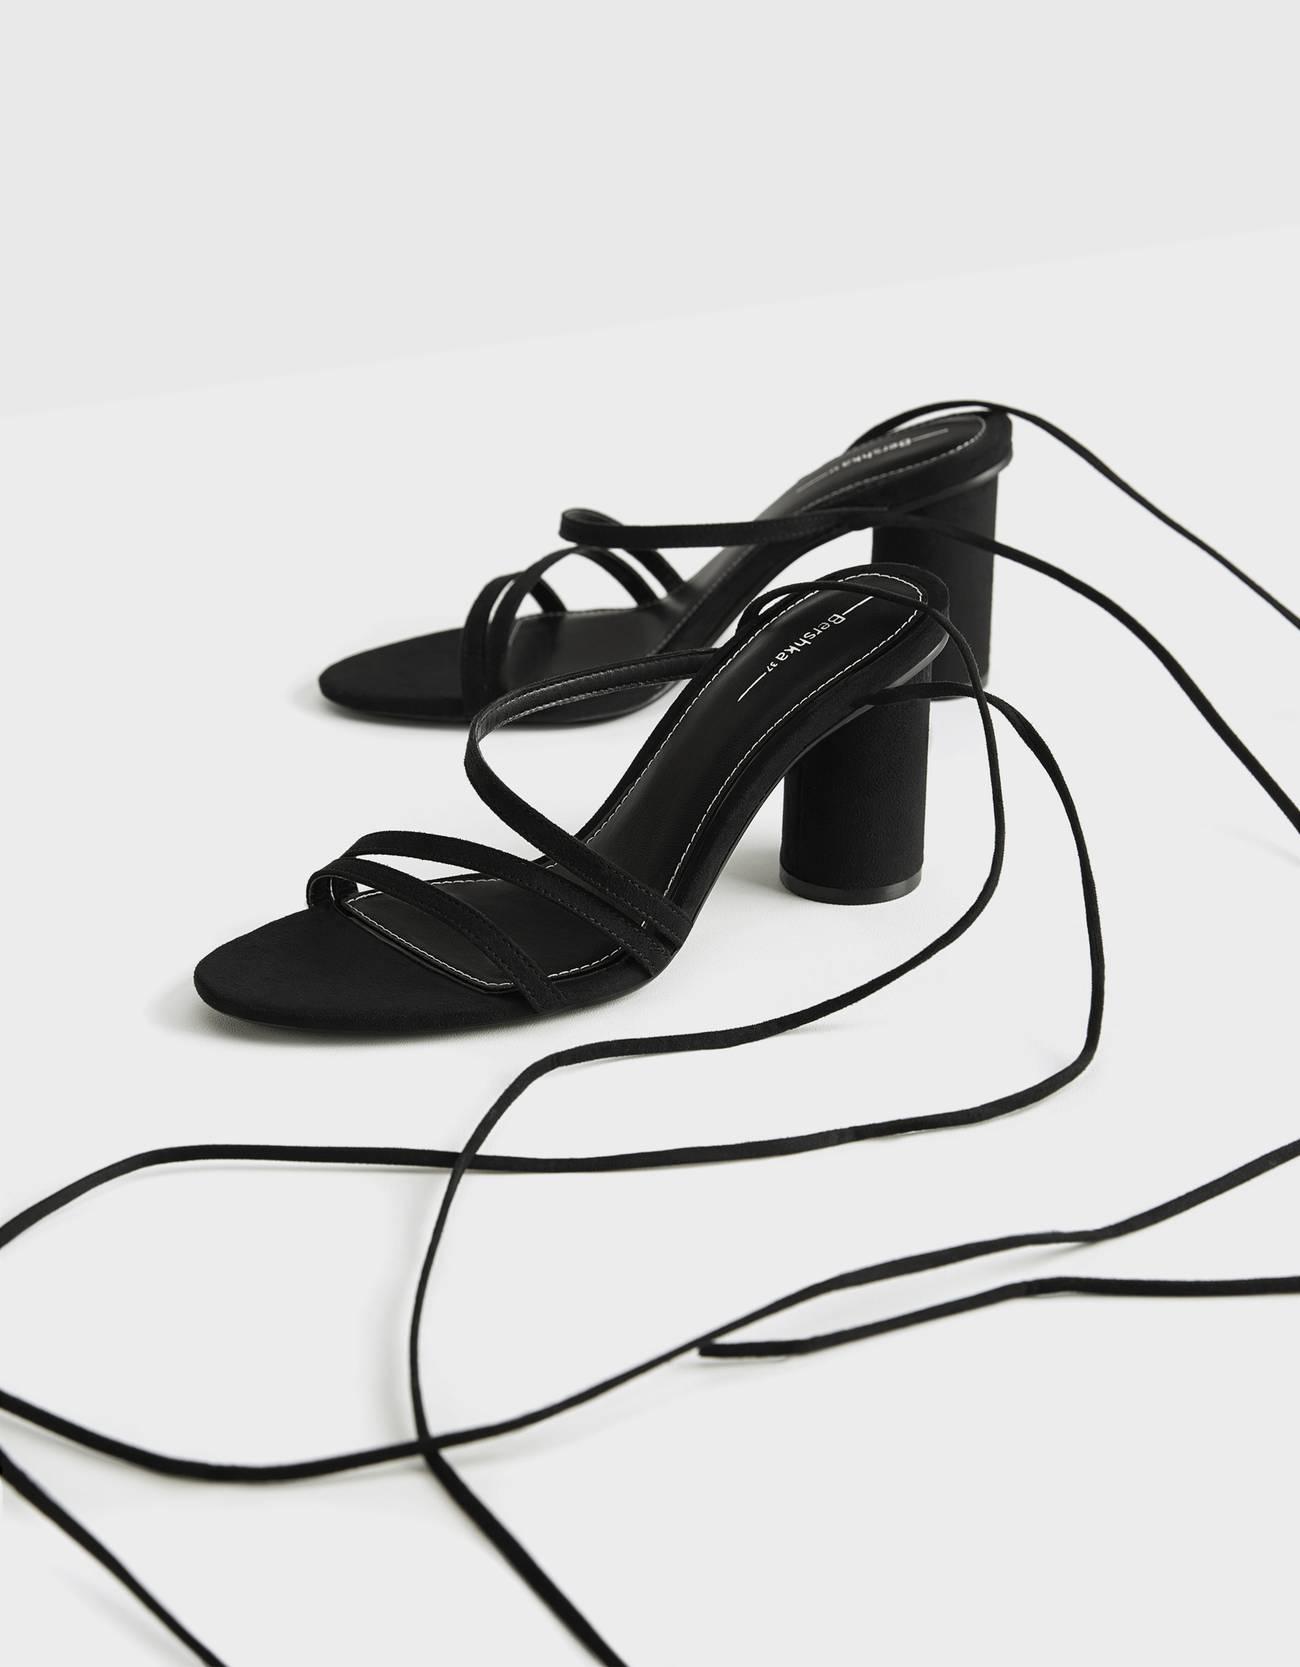 Sandalias de tiras anudadas al tobillo